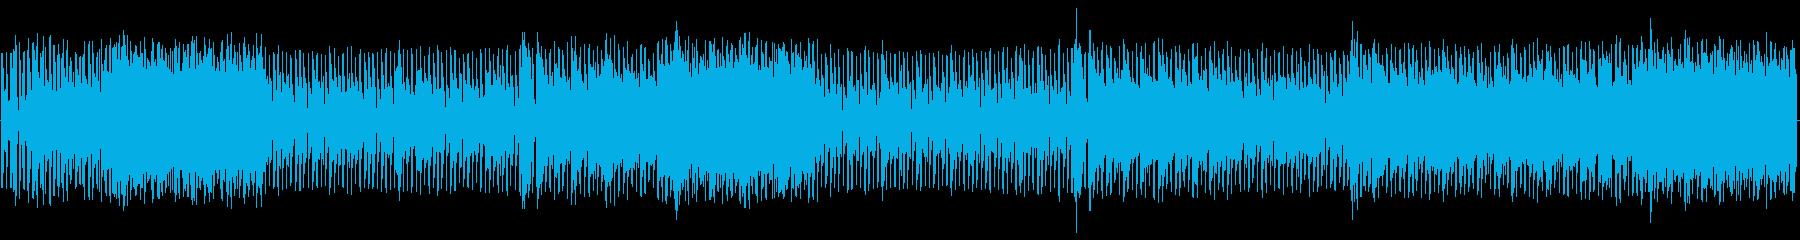 ループハウス。繰り返します。の再生済みの波形